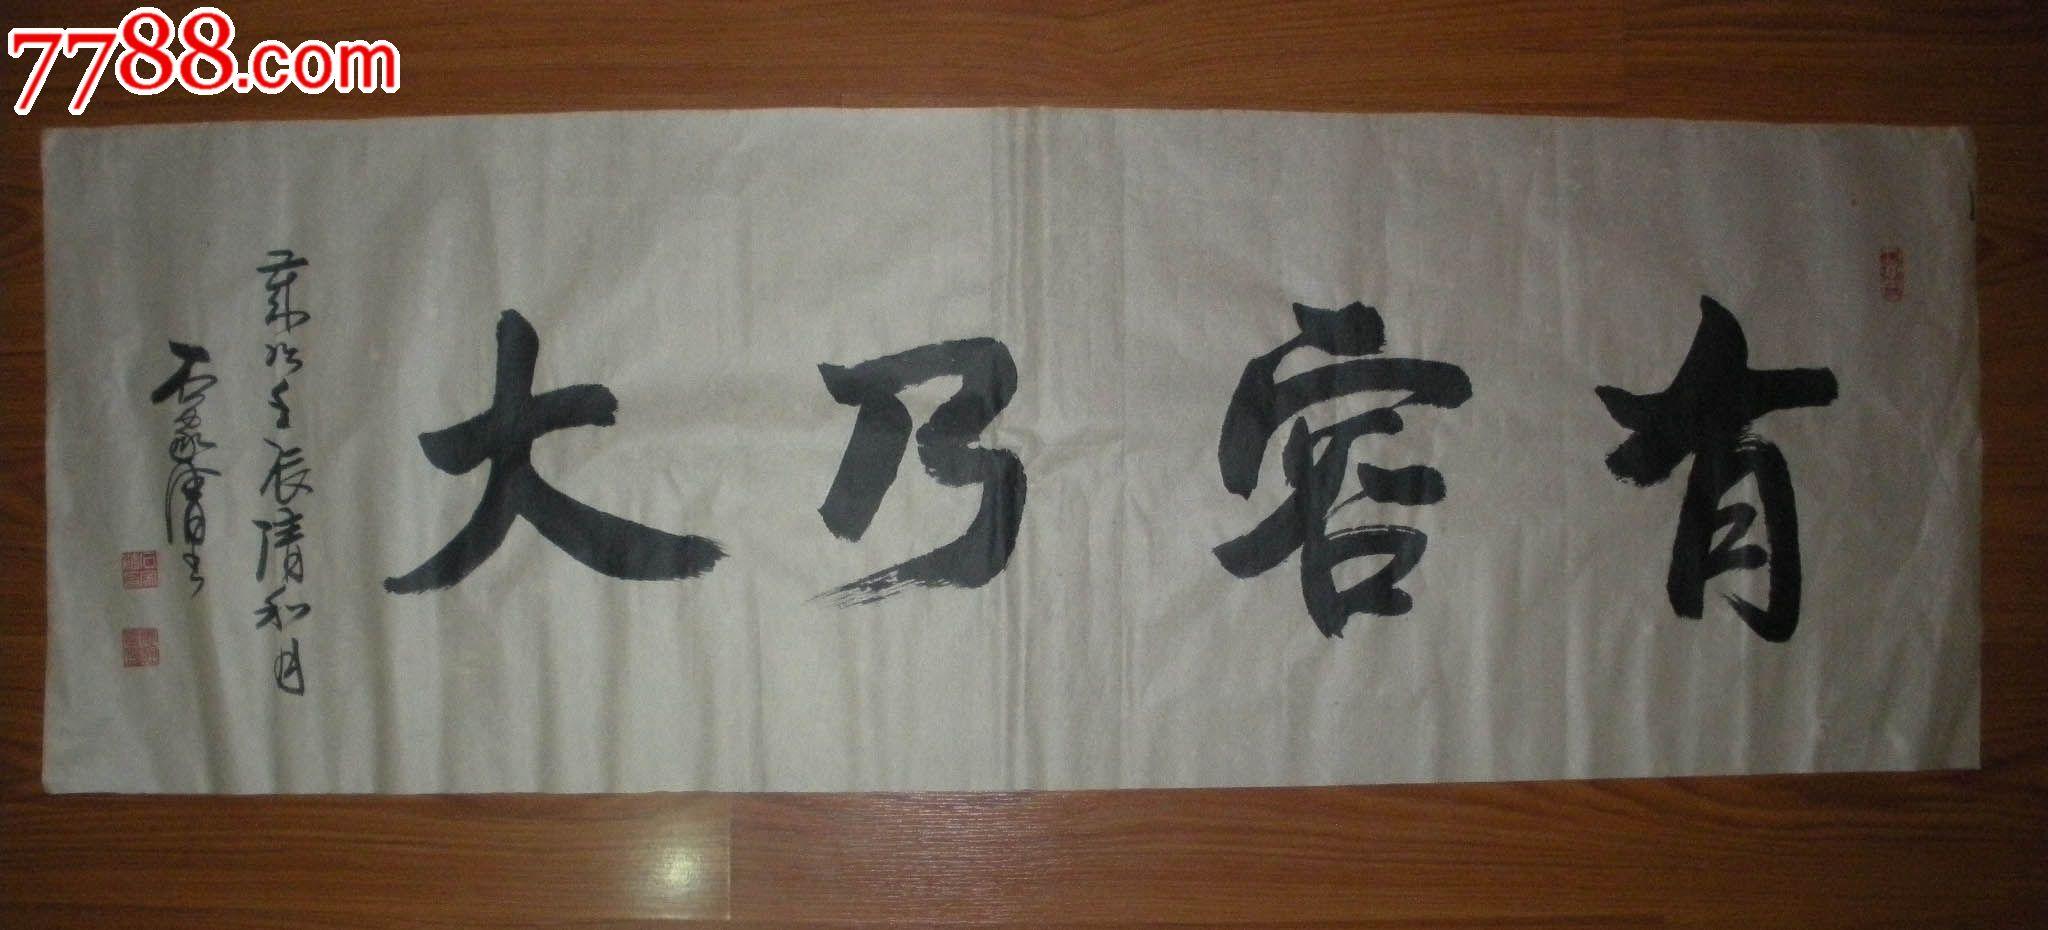 有容乃大书法横幅_价格120元【永安仙泉收藏】_第1张_中国收藏热线图片